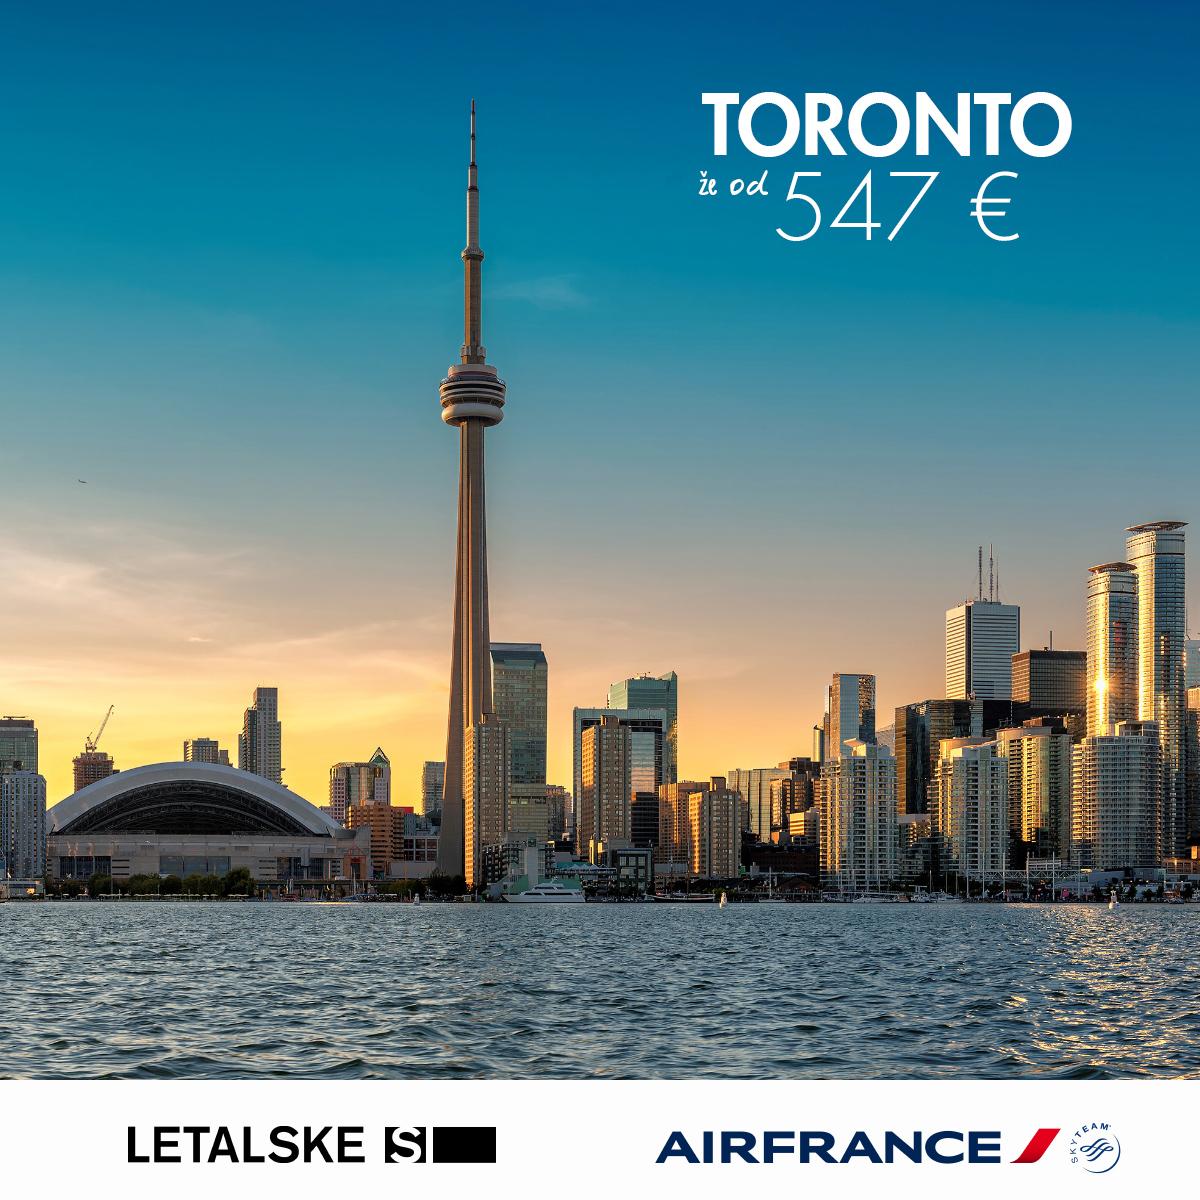 Toronto vizual, Toronto već od 1400 kuna, Toronto jeftine avio karte, putovanje za Toronto